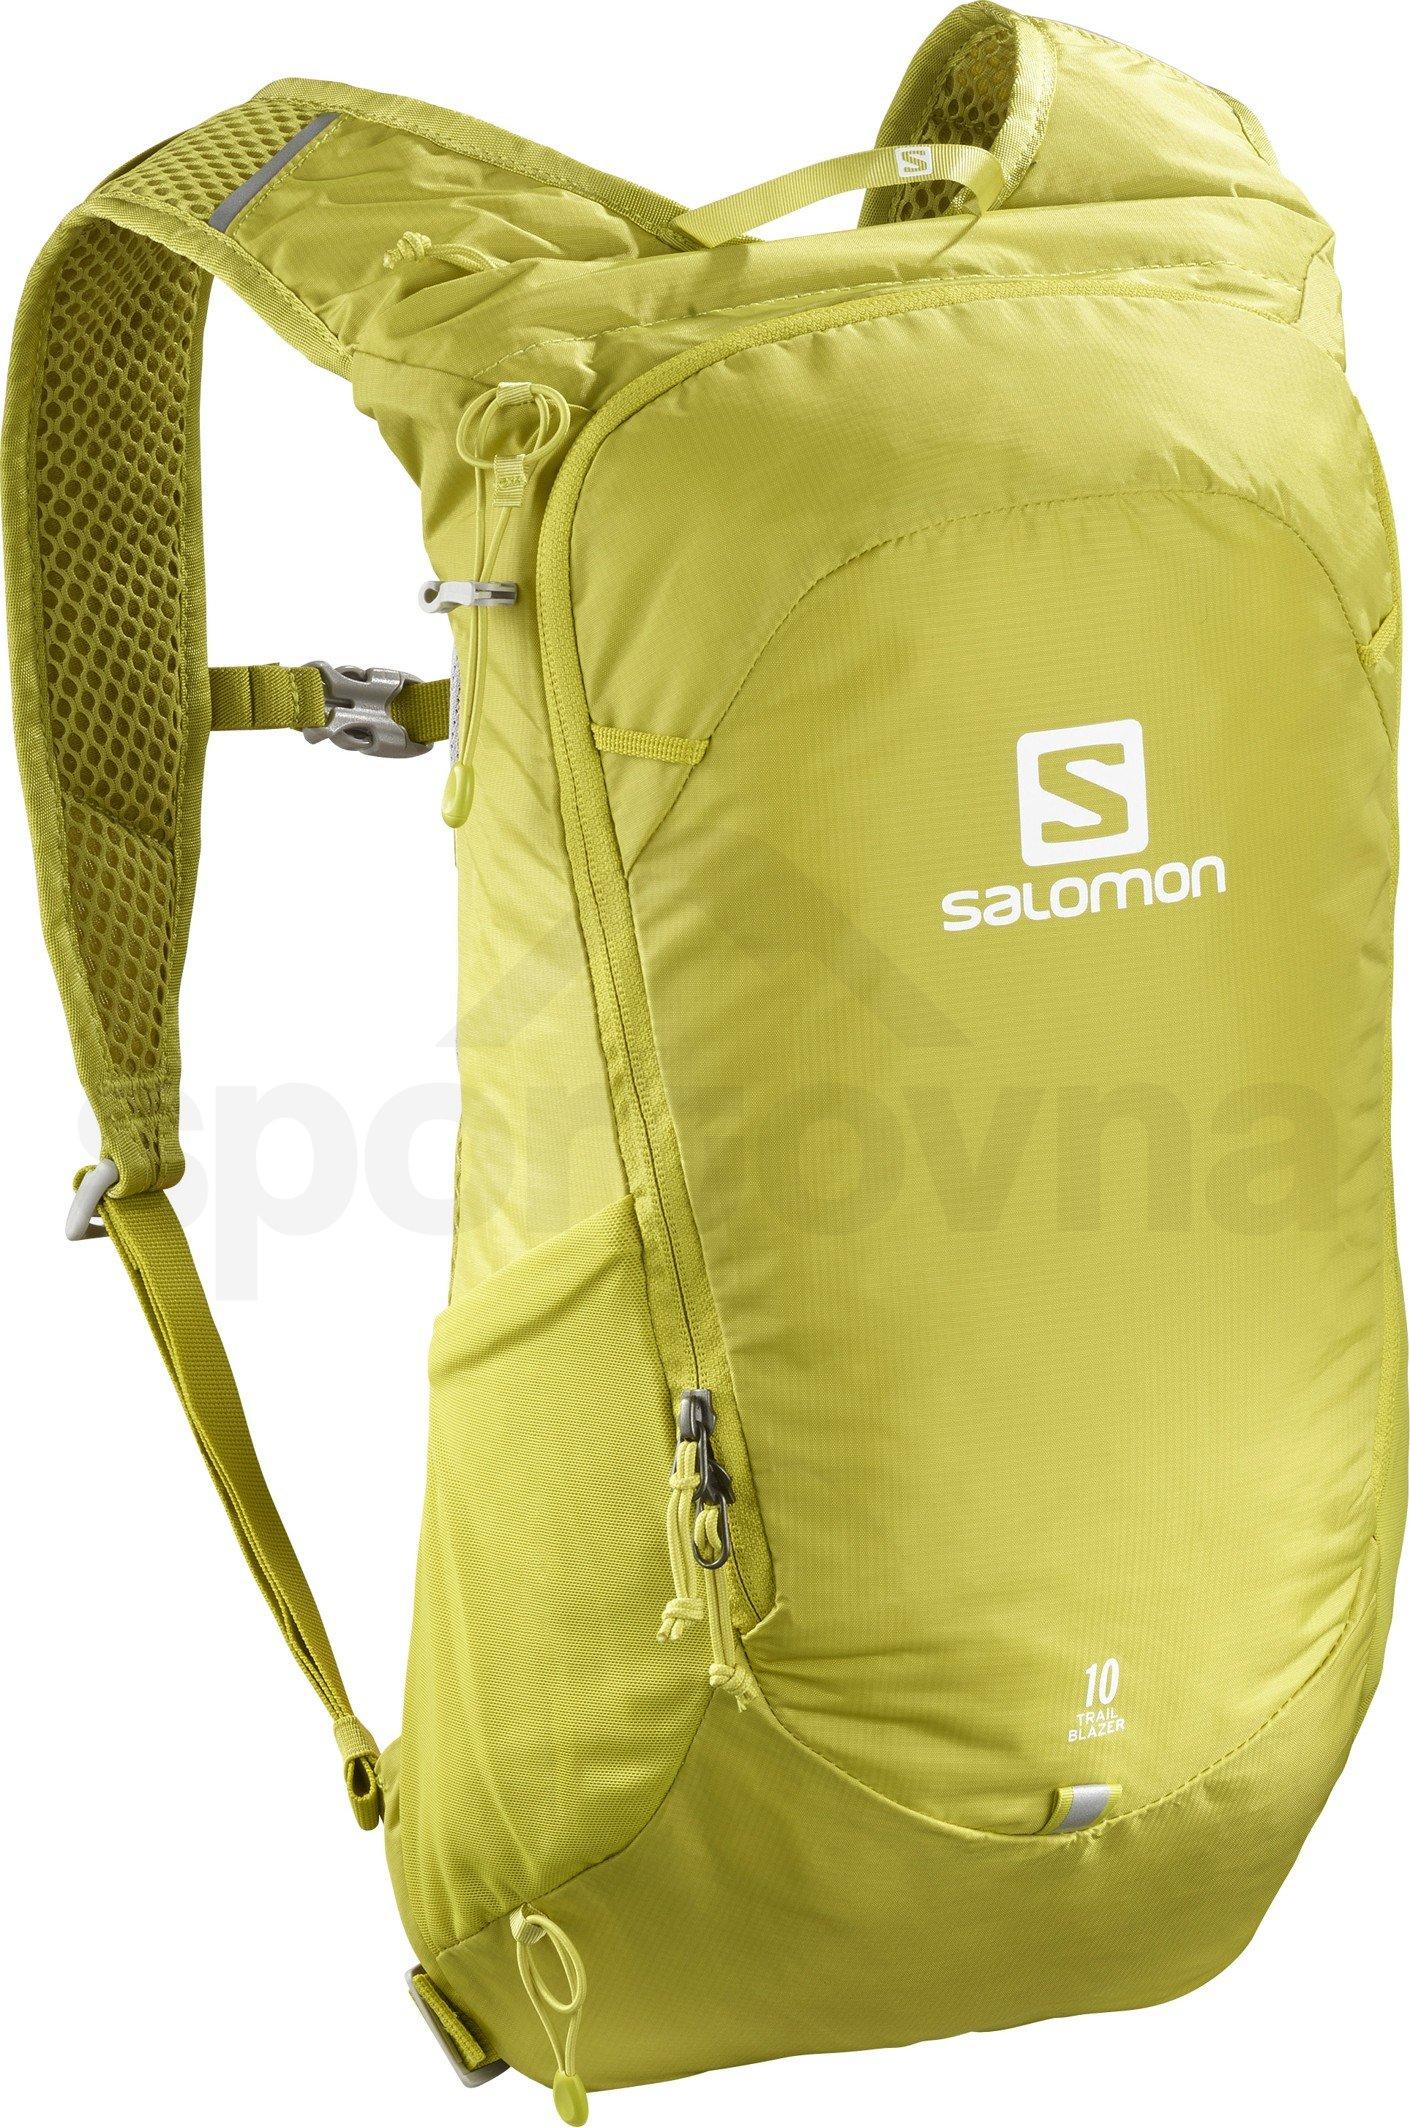 e387c1a212 Sportovní batoh Salomon TRAILBLAZER 10 Citronelle Alloy - LC1085200 ...